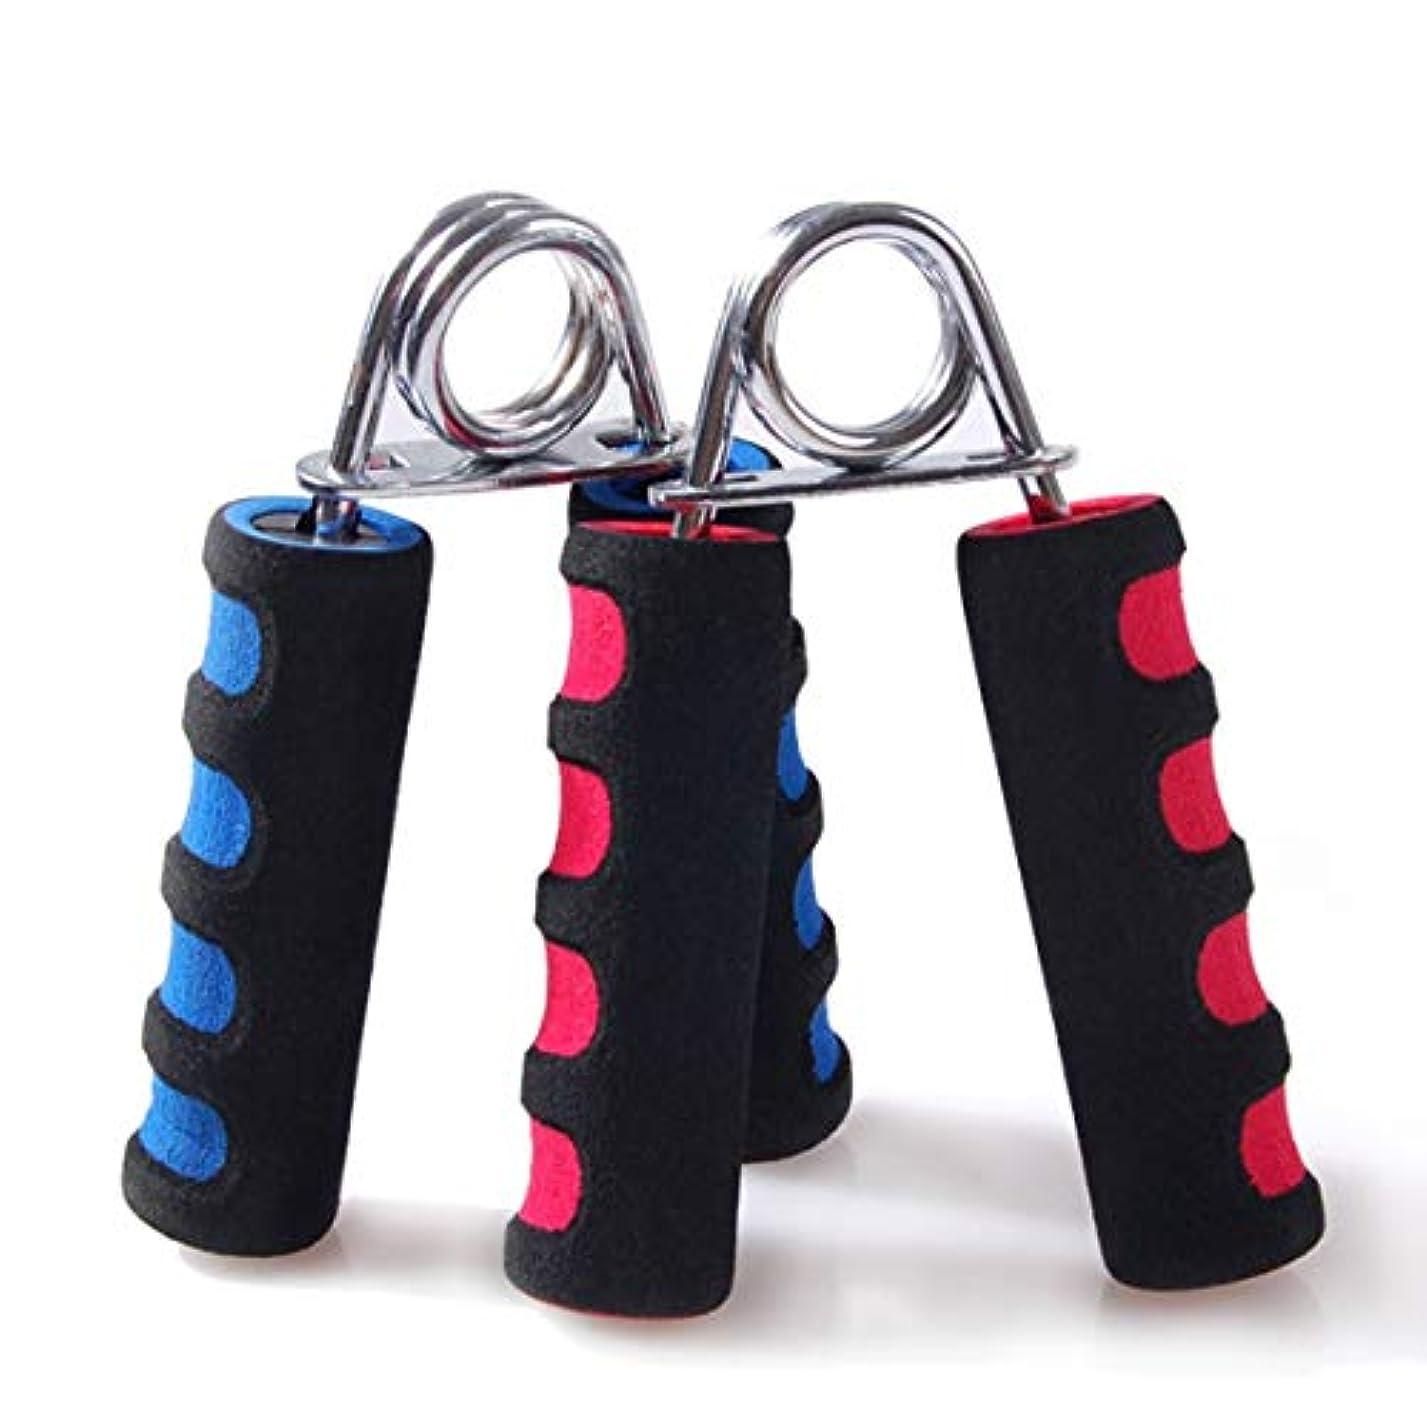 退却治療十ハンドグリッパーアーム手首エクササイザーフィットネスグリップジムと毎日の運動のためのヘビーストレングストレーナー-カラーランダム